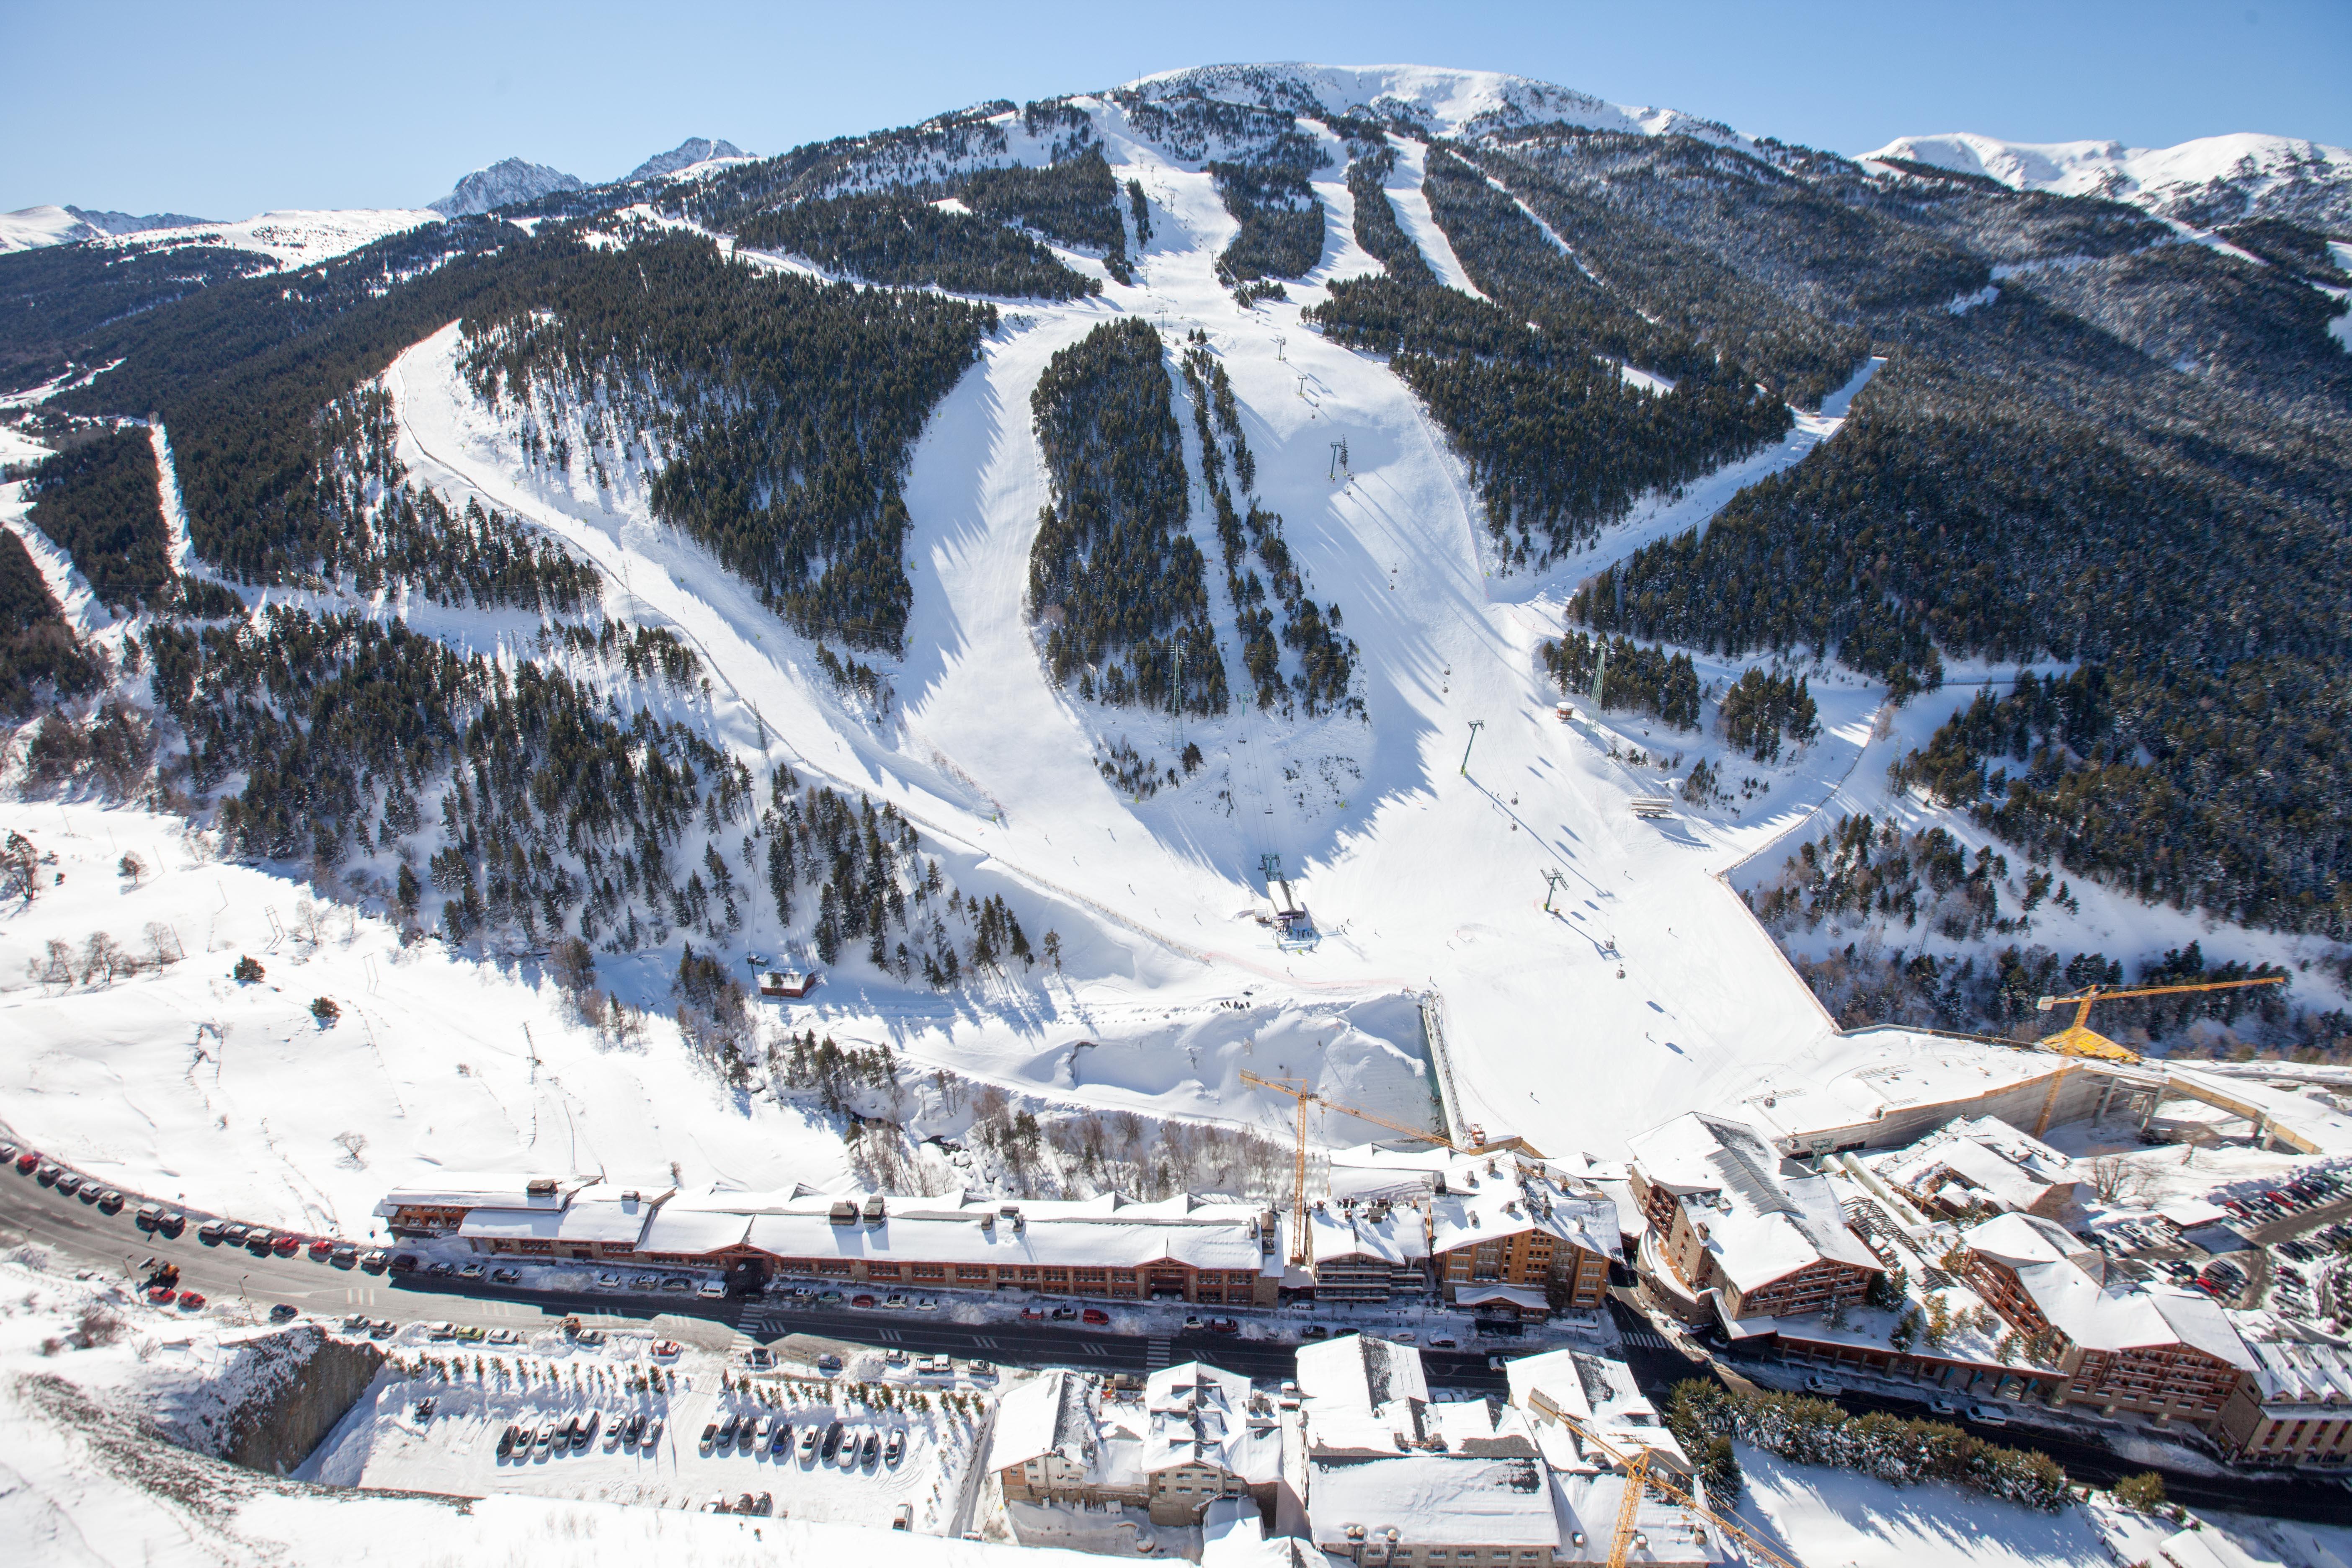 S'espera que la competició aplegui una norantena d'esquiadors, sumant els 25 corredors i corredores de cada disciplina, tot i que el nombre exacte se sabrà un cop es tanquin les inscripcions el 25 de febrer. Actualment, el circuit de Copa del Món està aturat perquè s'estan disputant els Campionats del Món a Åre, Suècia, una cita que se celebra cada dos anys.